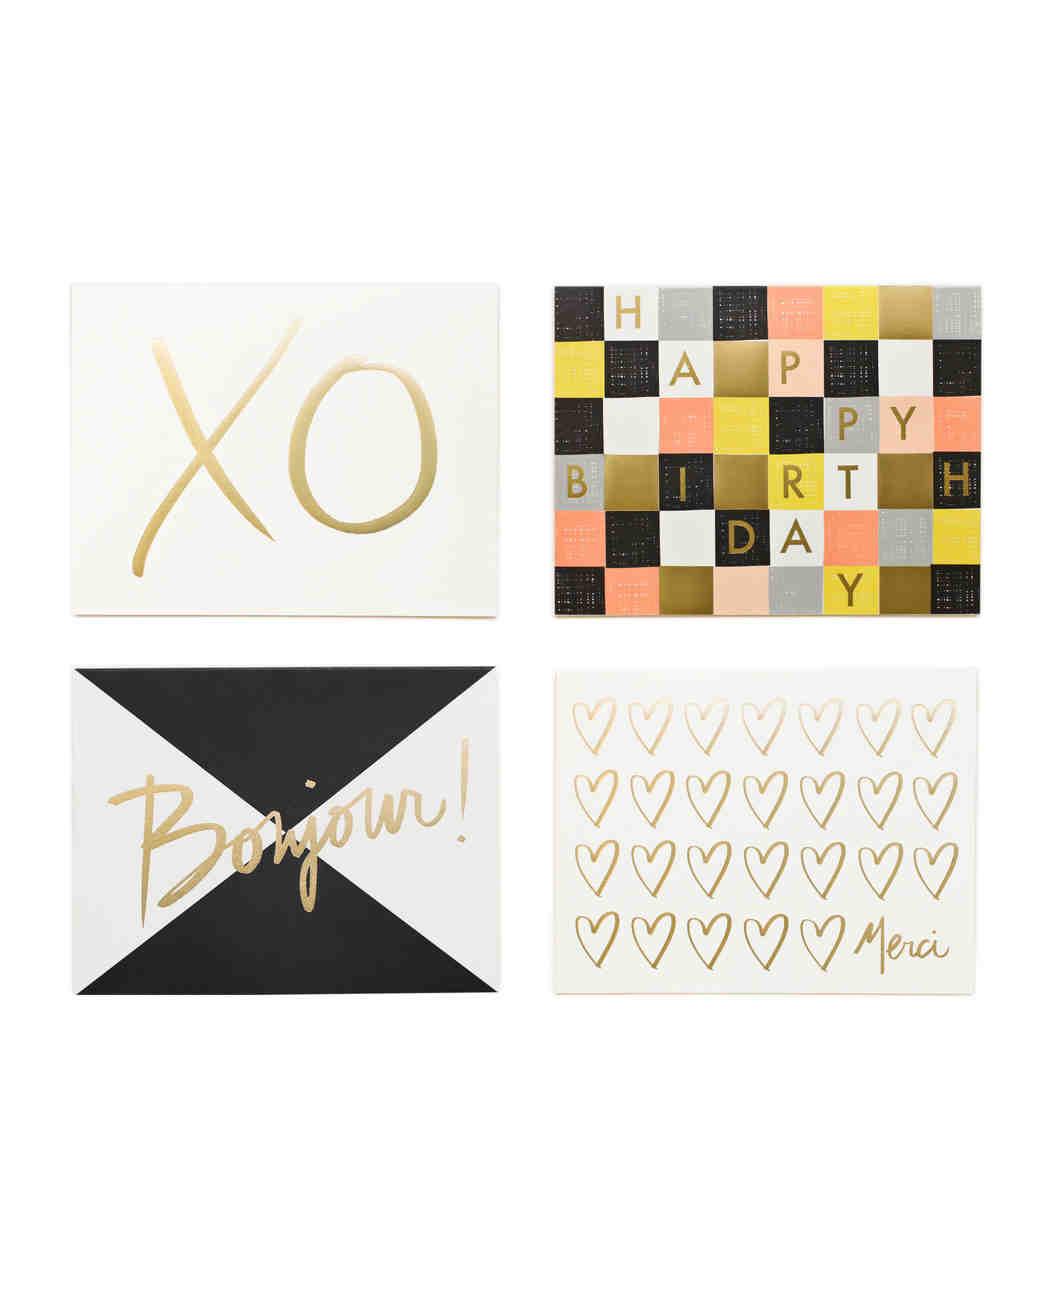 bridesmaid-gifts-stationery-garancedore-riflepaperco-0914.jpg